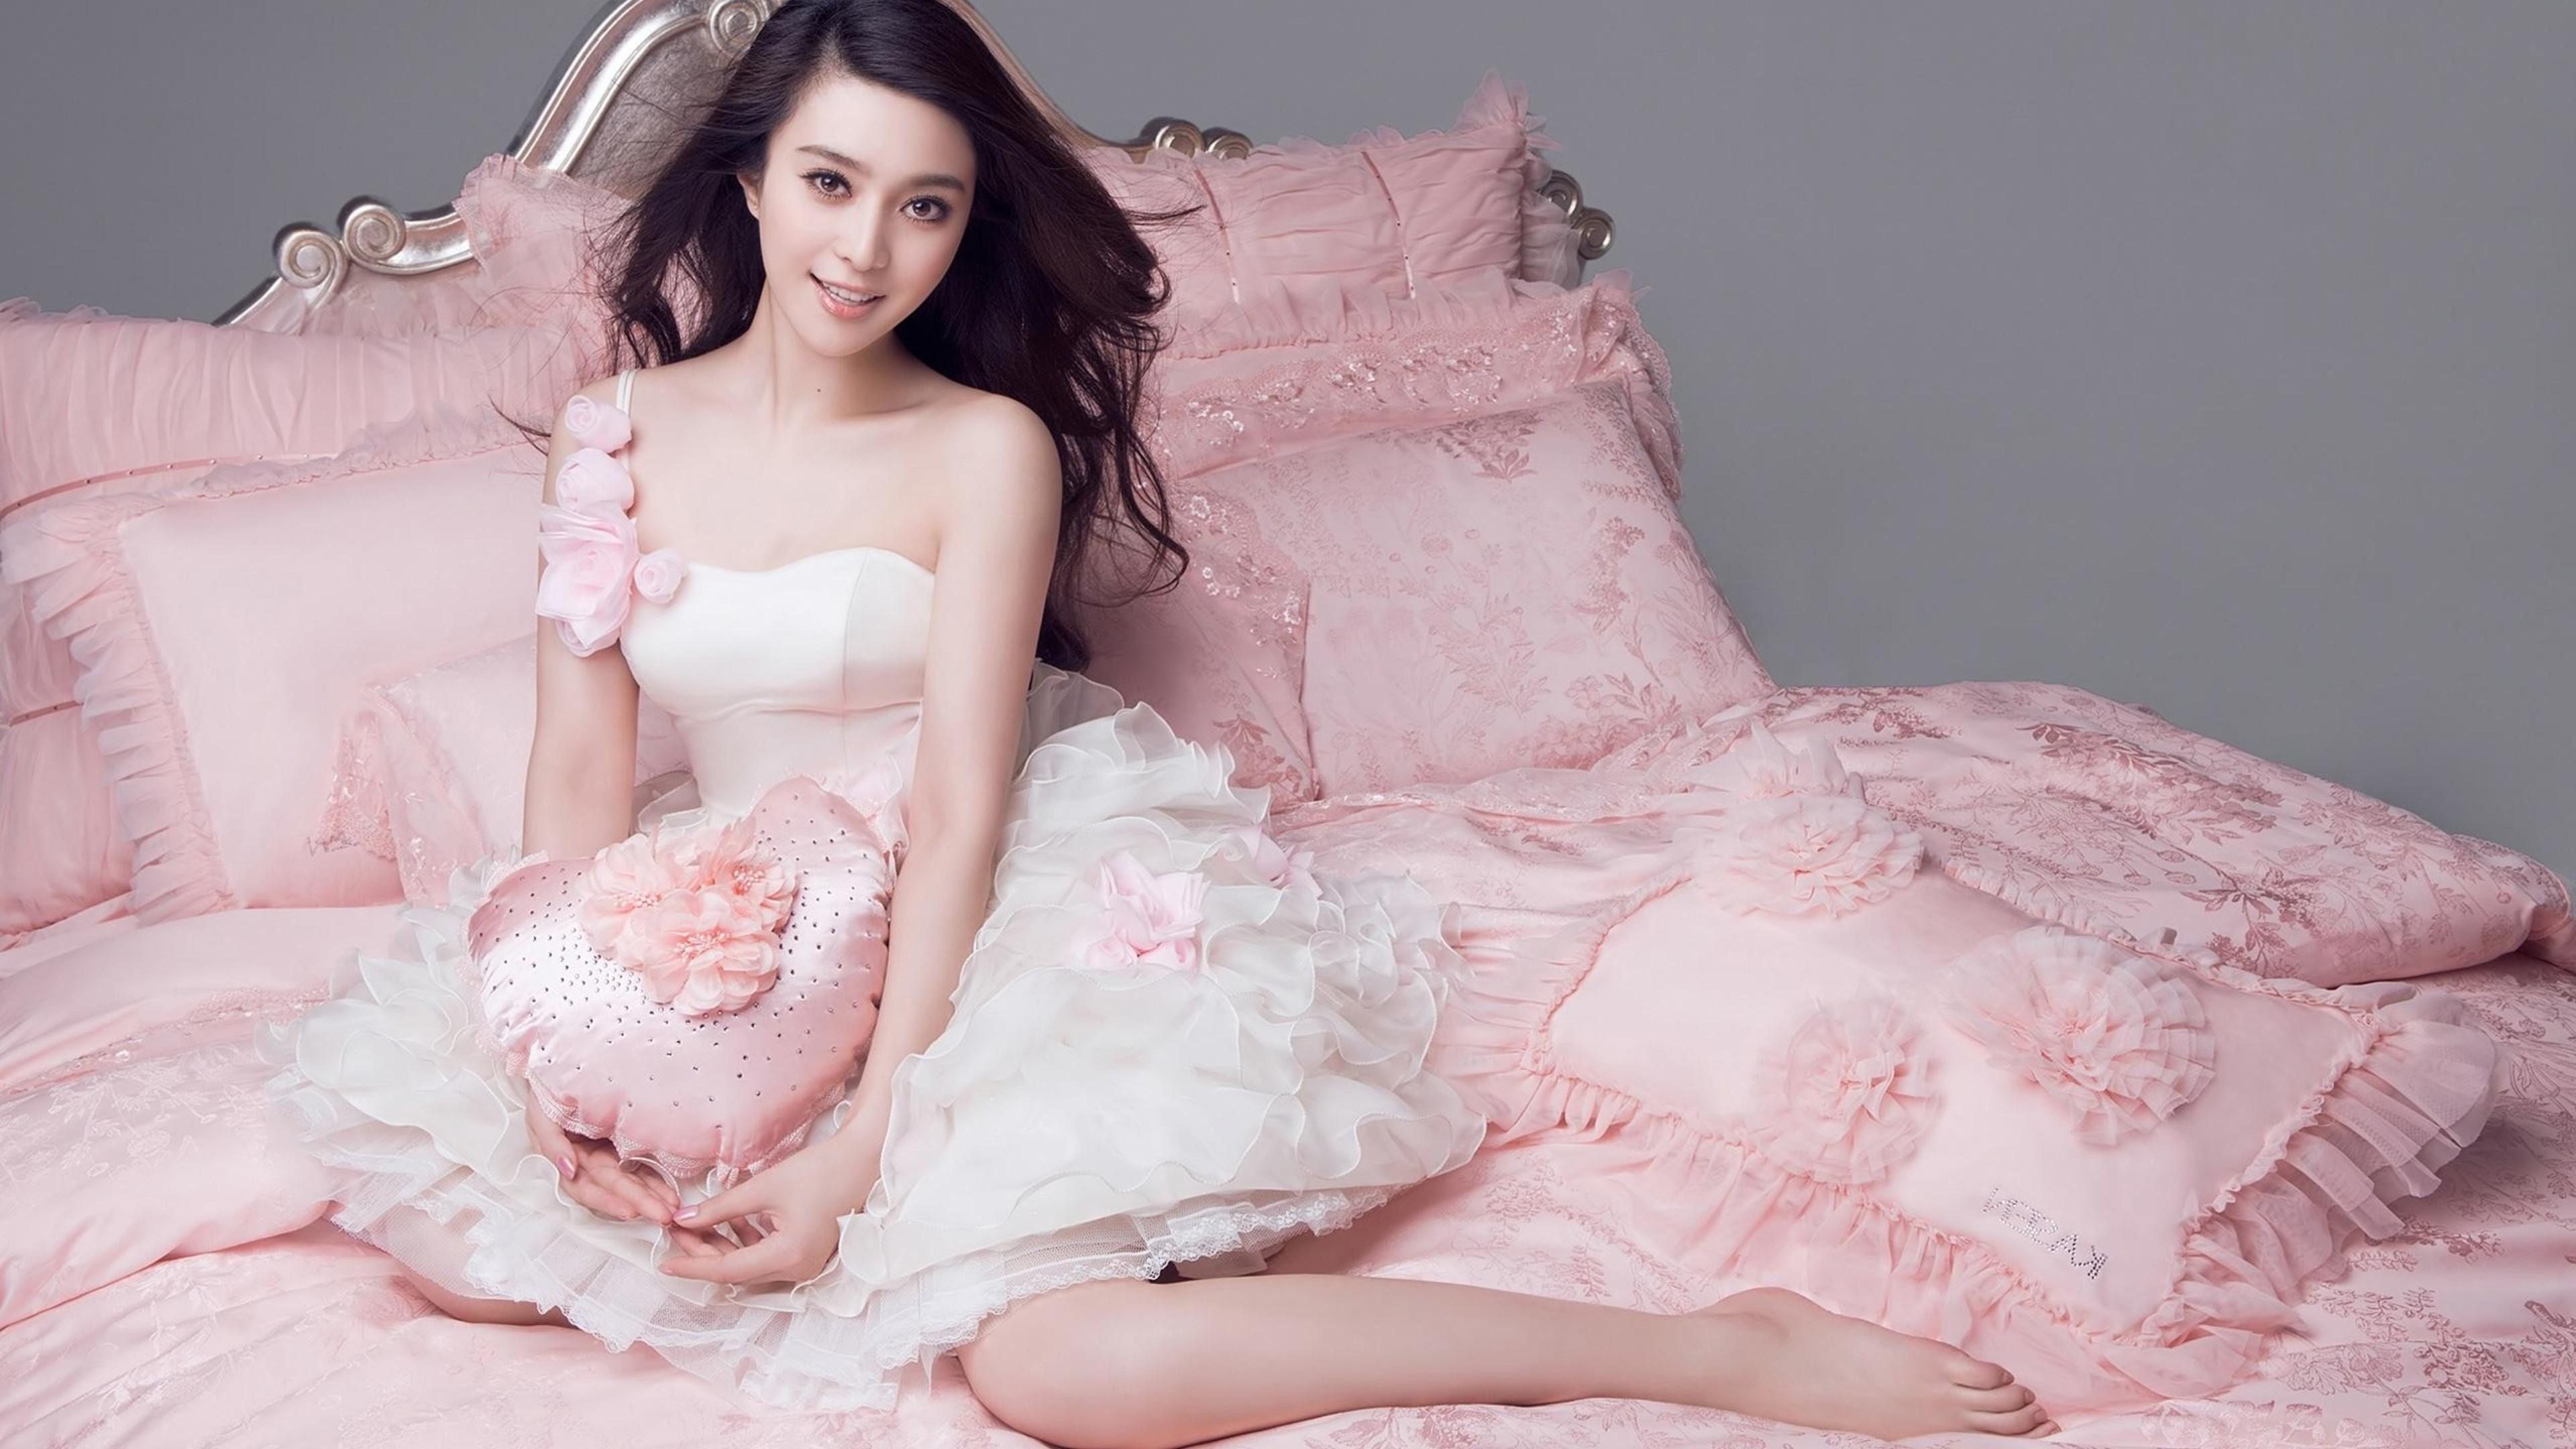 fan bingbing chinese actress 1536855759 - Fan Bingbing Chinese Actress - girls wallpapers, fan bingbing wallpapers, celebrities wallpapers, asian wallpapers